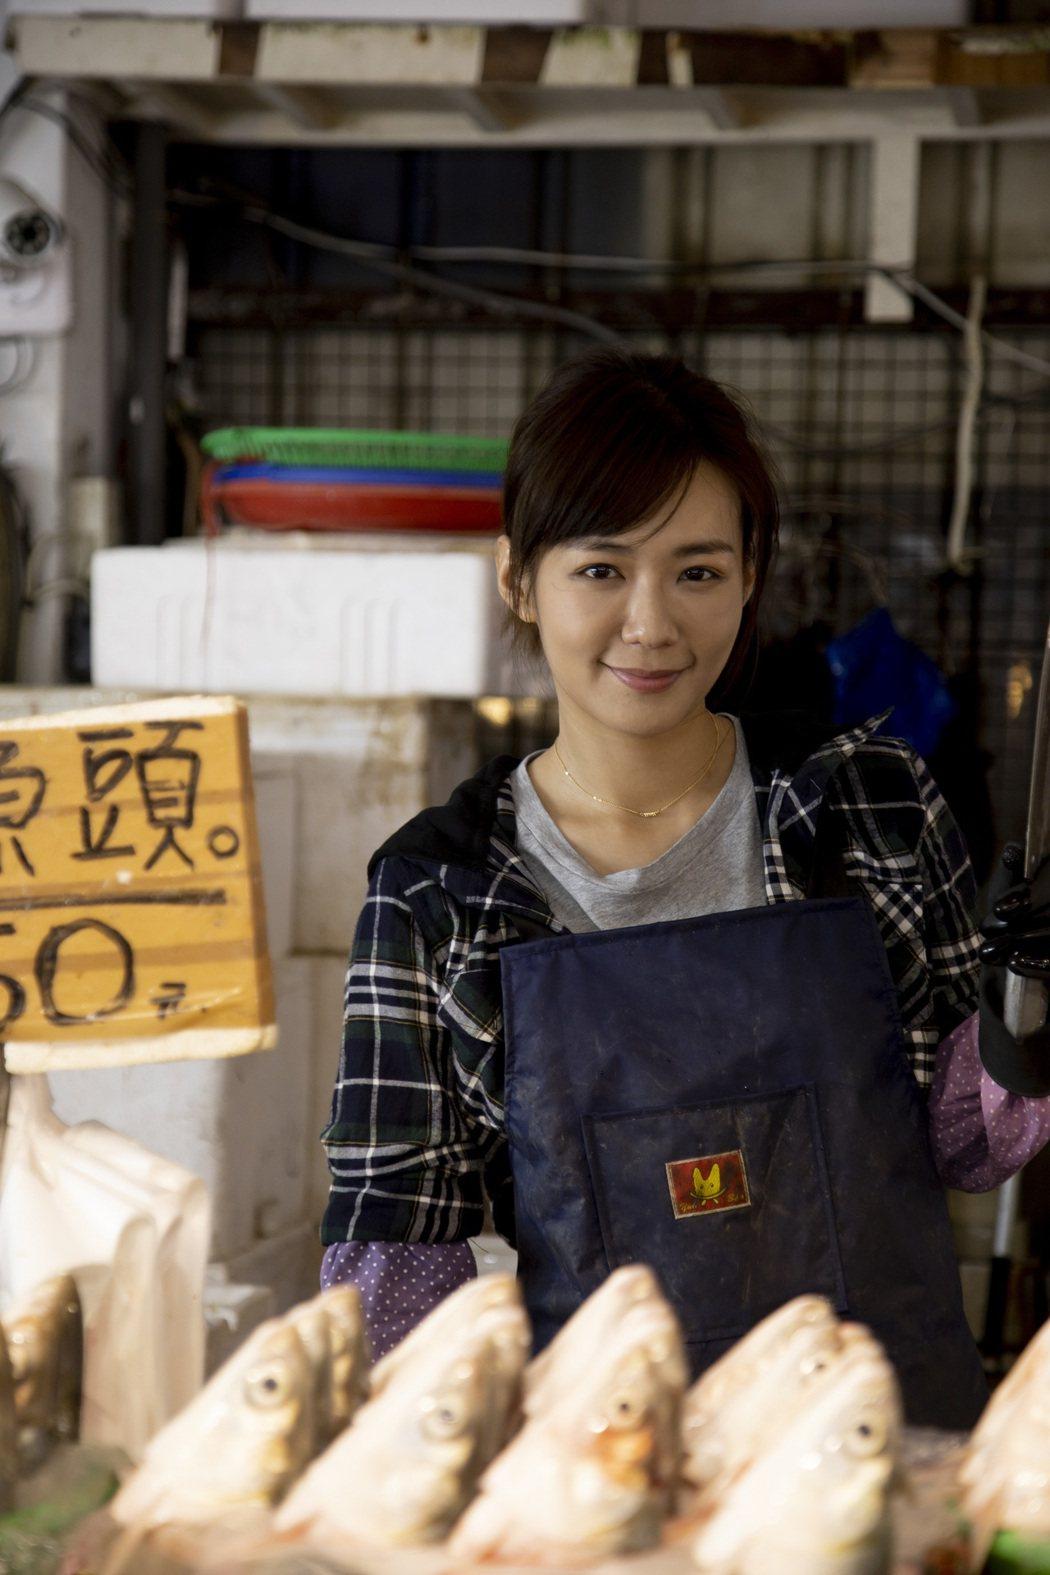 李又汝在「無主之子」中演出魚販「小蘭」,還特地接受特訓殺魚一個月。圖/民視提供